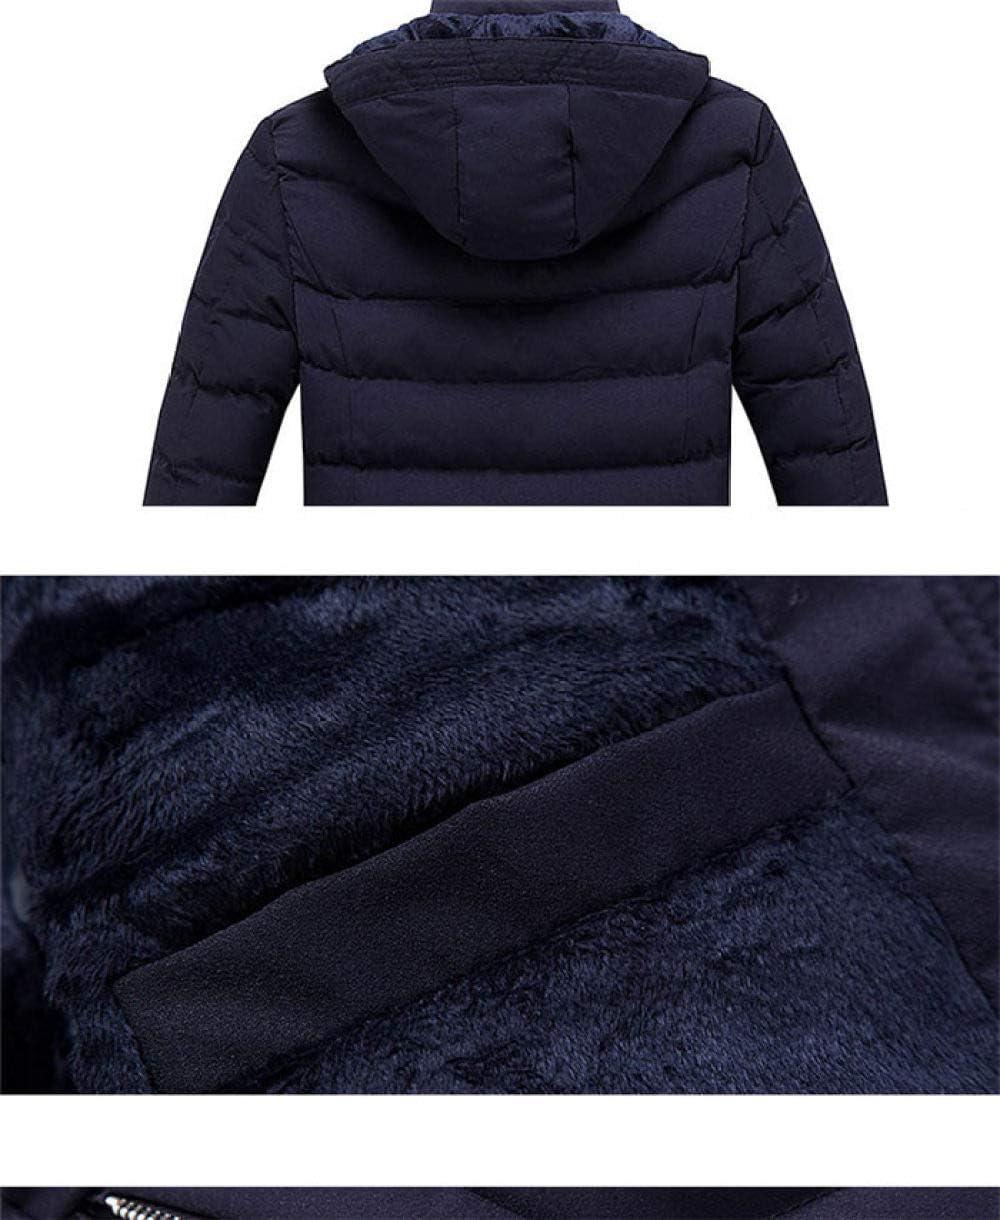 ZYJANO Longue Doudoune,Mode Veste d'hiver Hommes Épais Chaud Manteau d'hiver Hommes Casual Capuche Col en Molleton Coupe-Vent Hommes Survêtement Grande Taille Bleu foncé